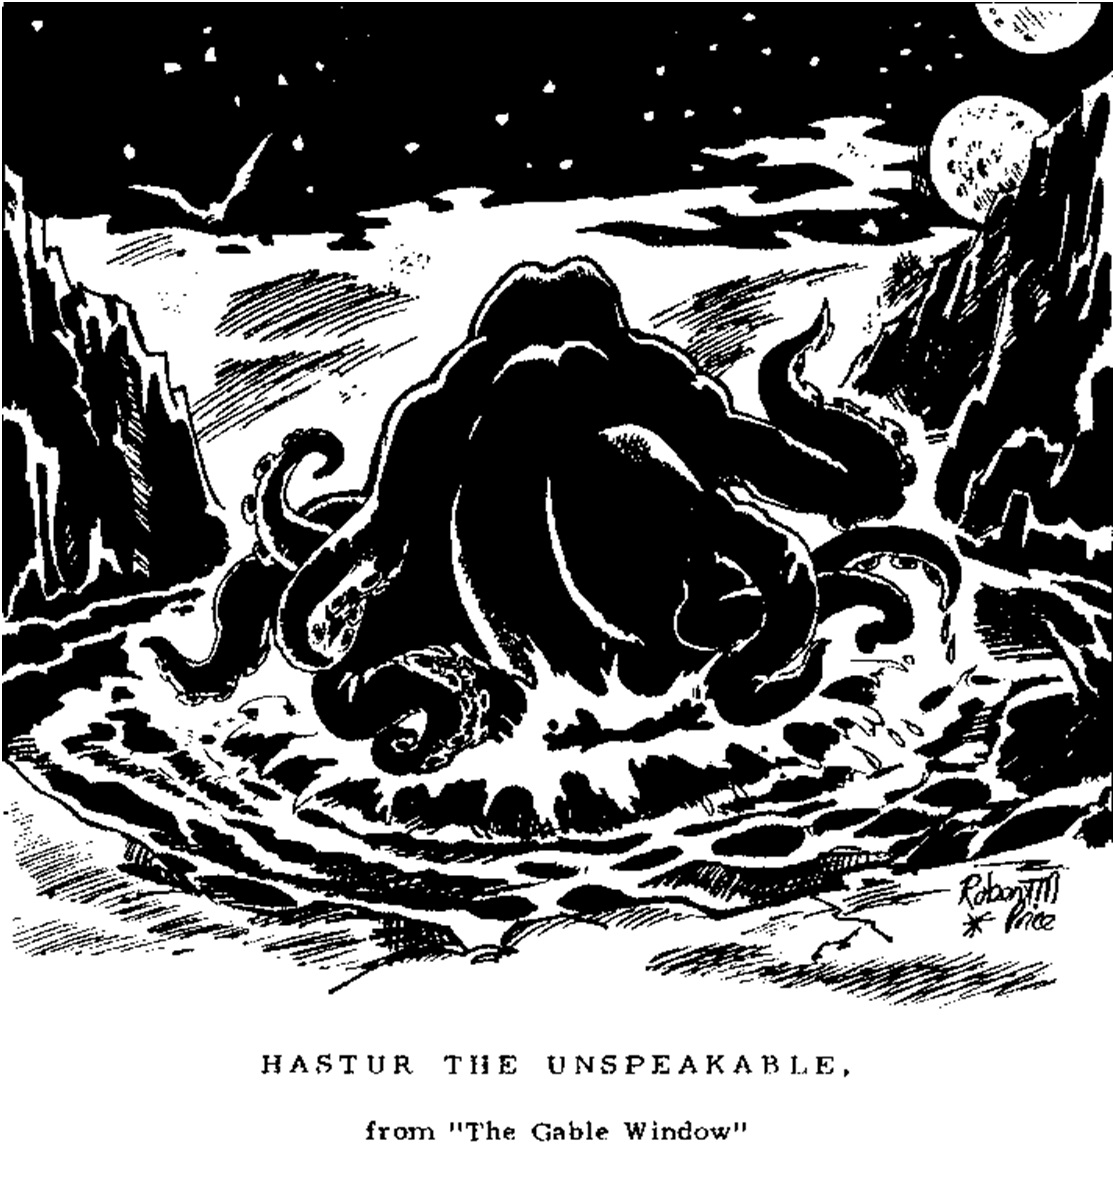 Hastur - grosse masse tentaculaire sur planète alien